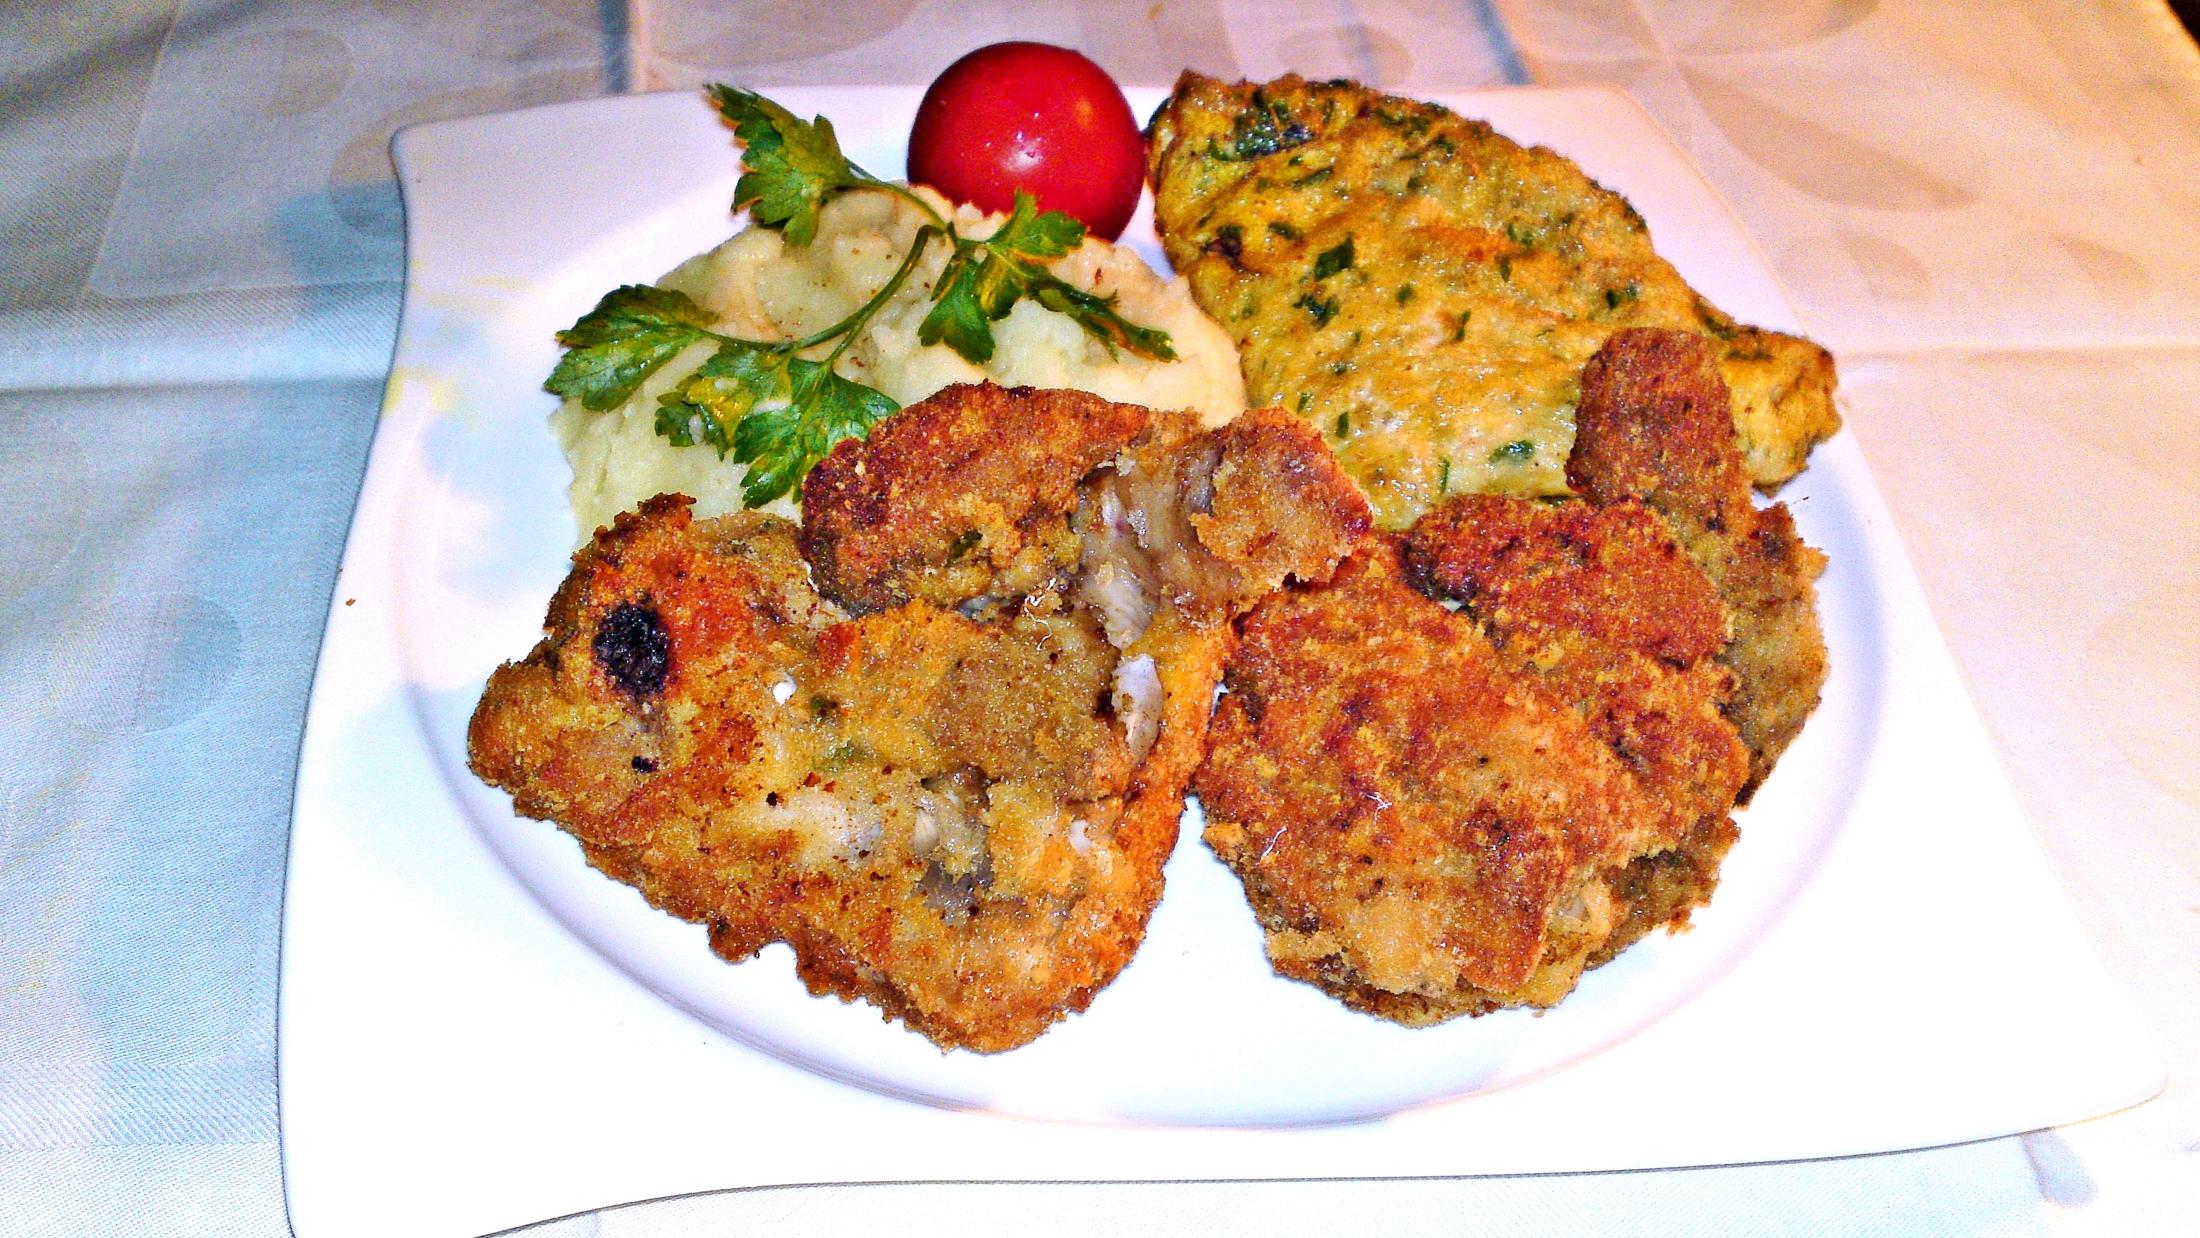 Recept Vysmážaná kuřecí křidélka plněna kuřecími játry - Smažená kuřecí křidélka plněná kuřecími játry servírujeme horká s vikárkou a bramborovou kaší.